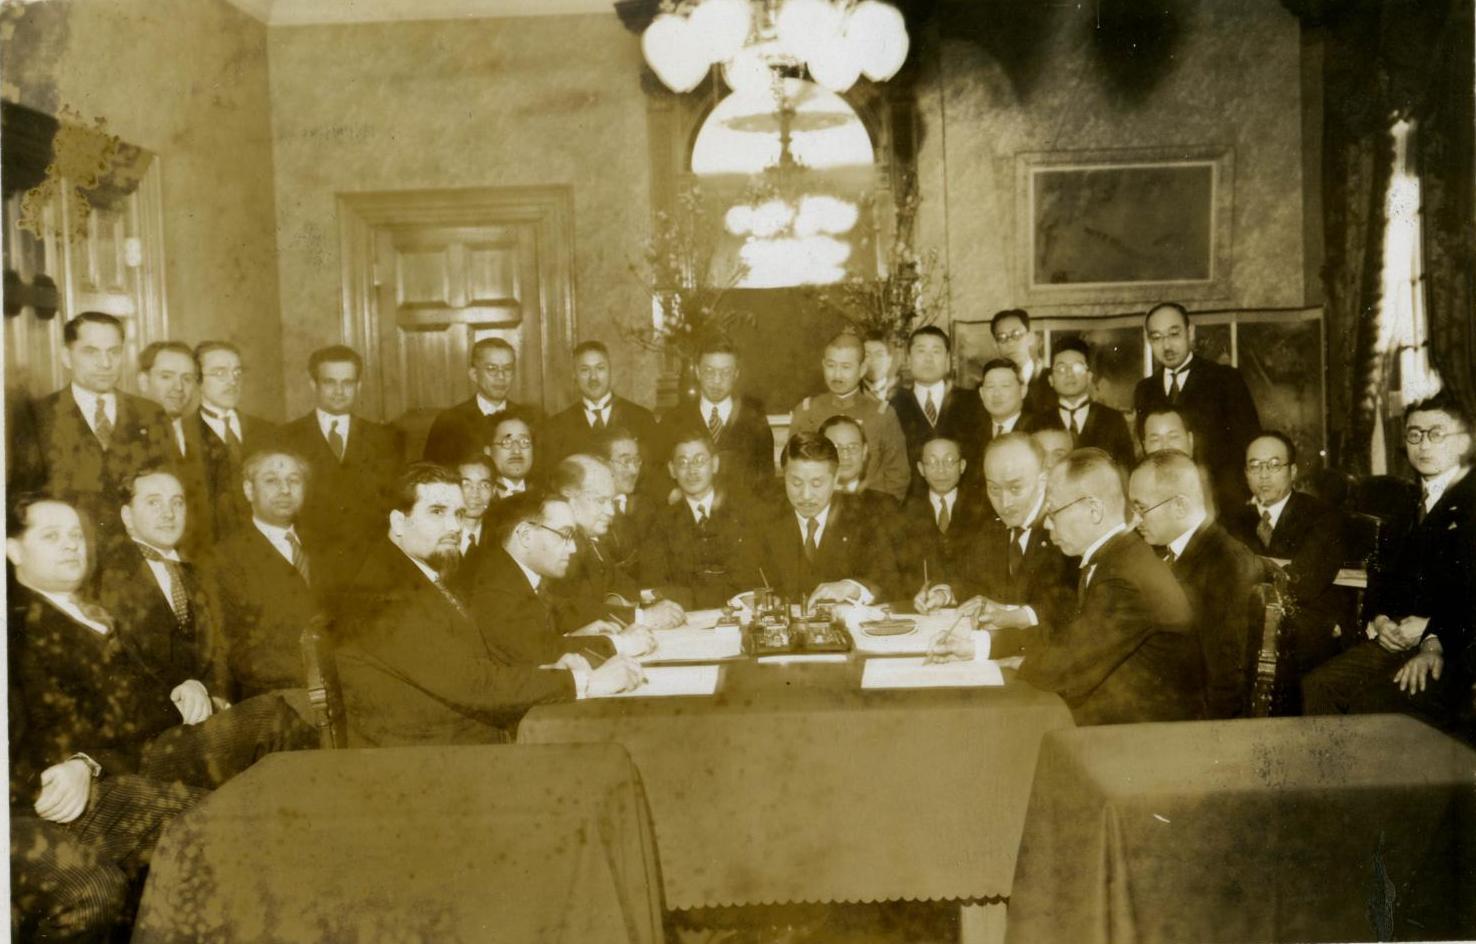 1935. Момент подписания соглашения о КВЖД в министерстве иностранных дел Японии. Токио, 23 марта